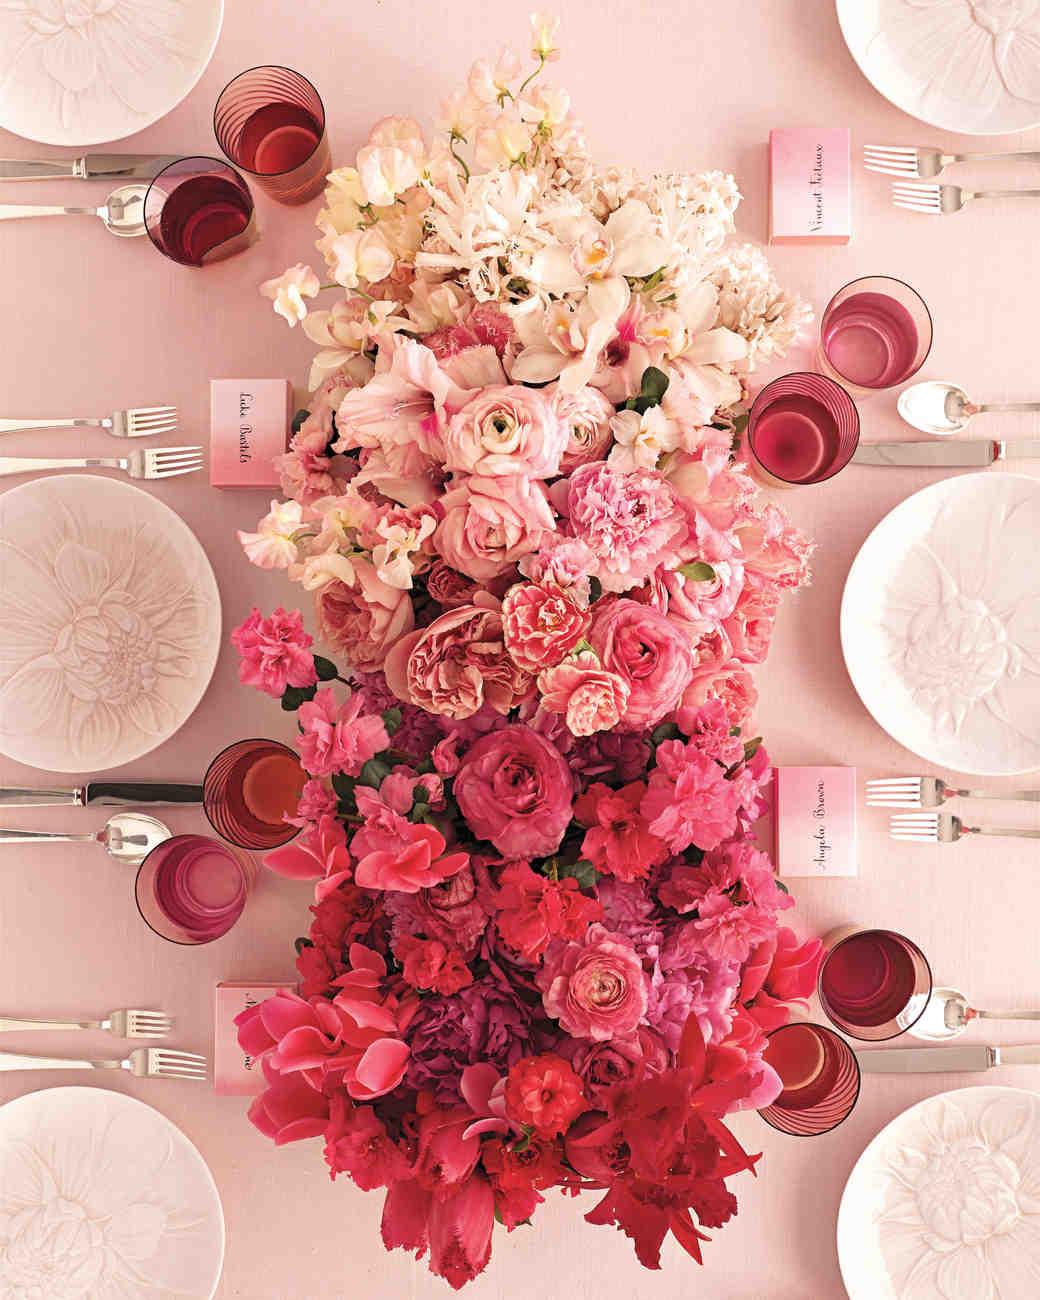 mmwd104829-expert-advice-pink-floral-centerpiece.jpg